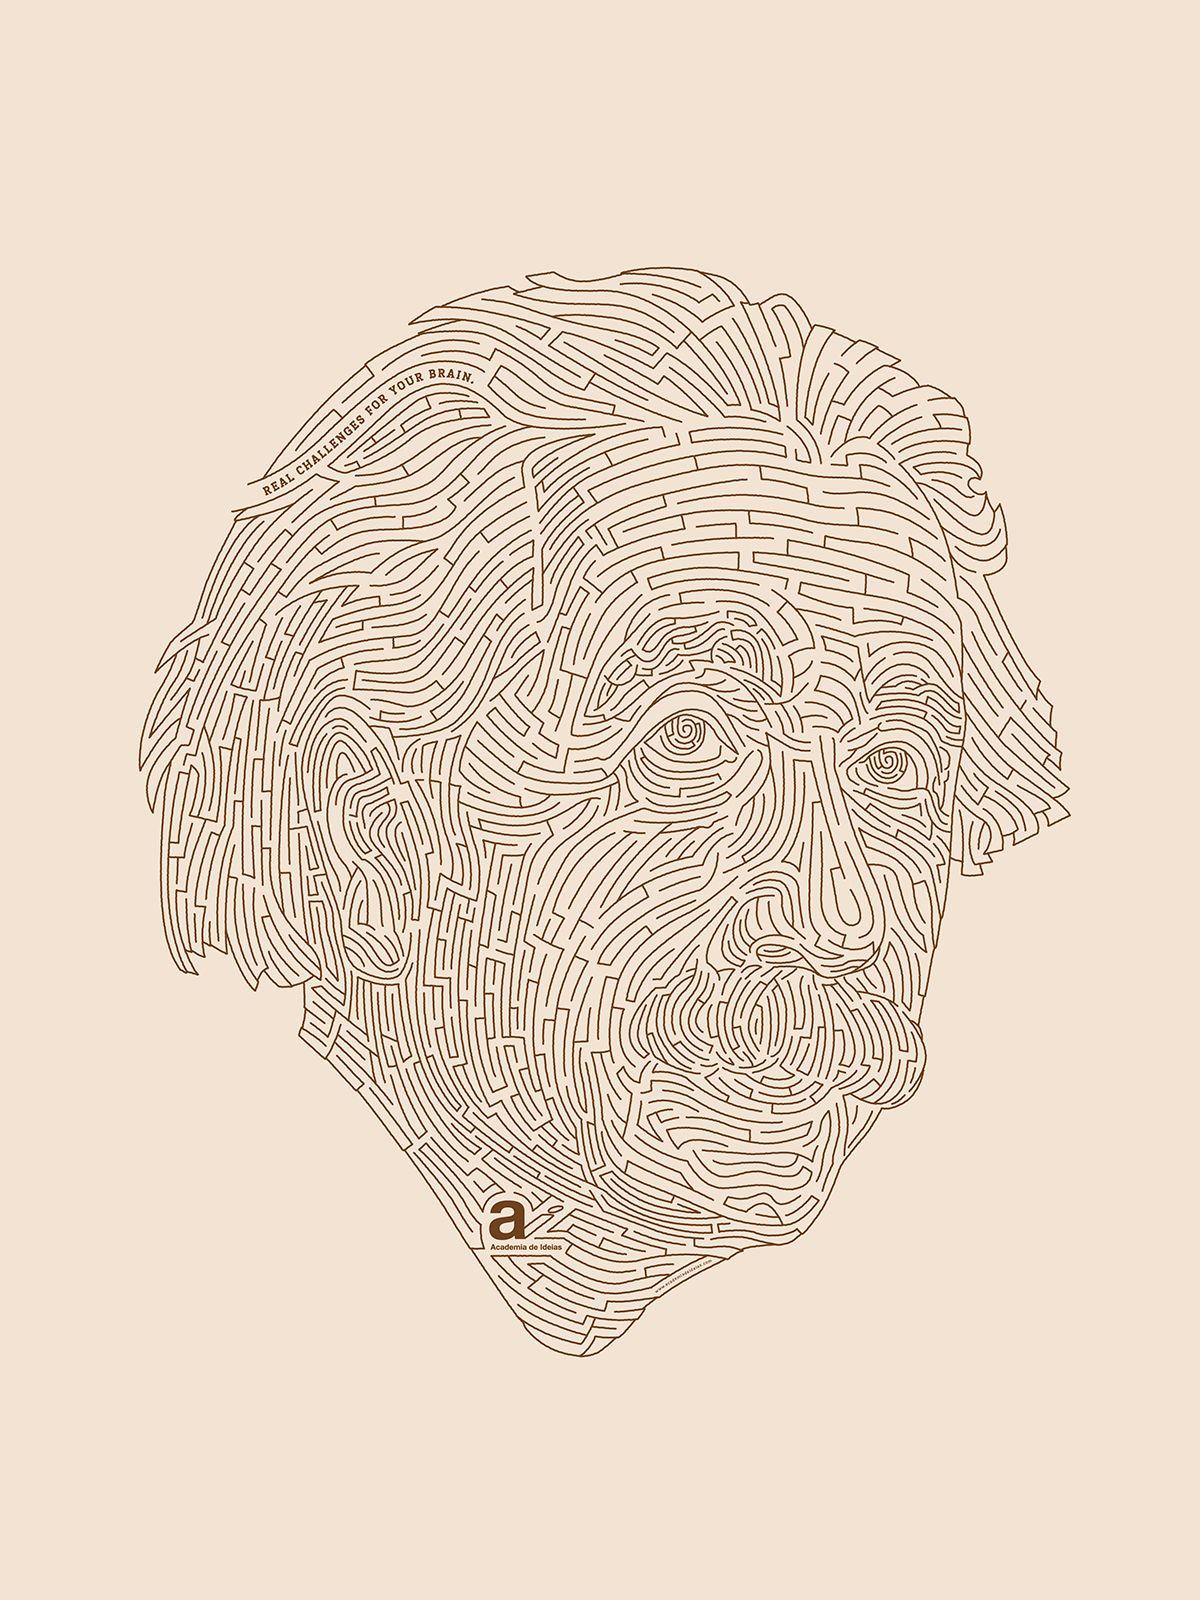 Academia De Ideias Labyrinth Einstein Real Challenges